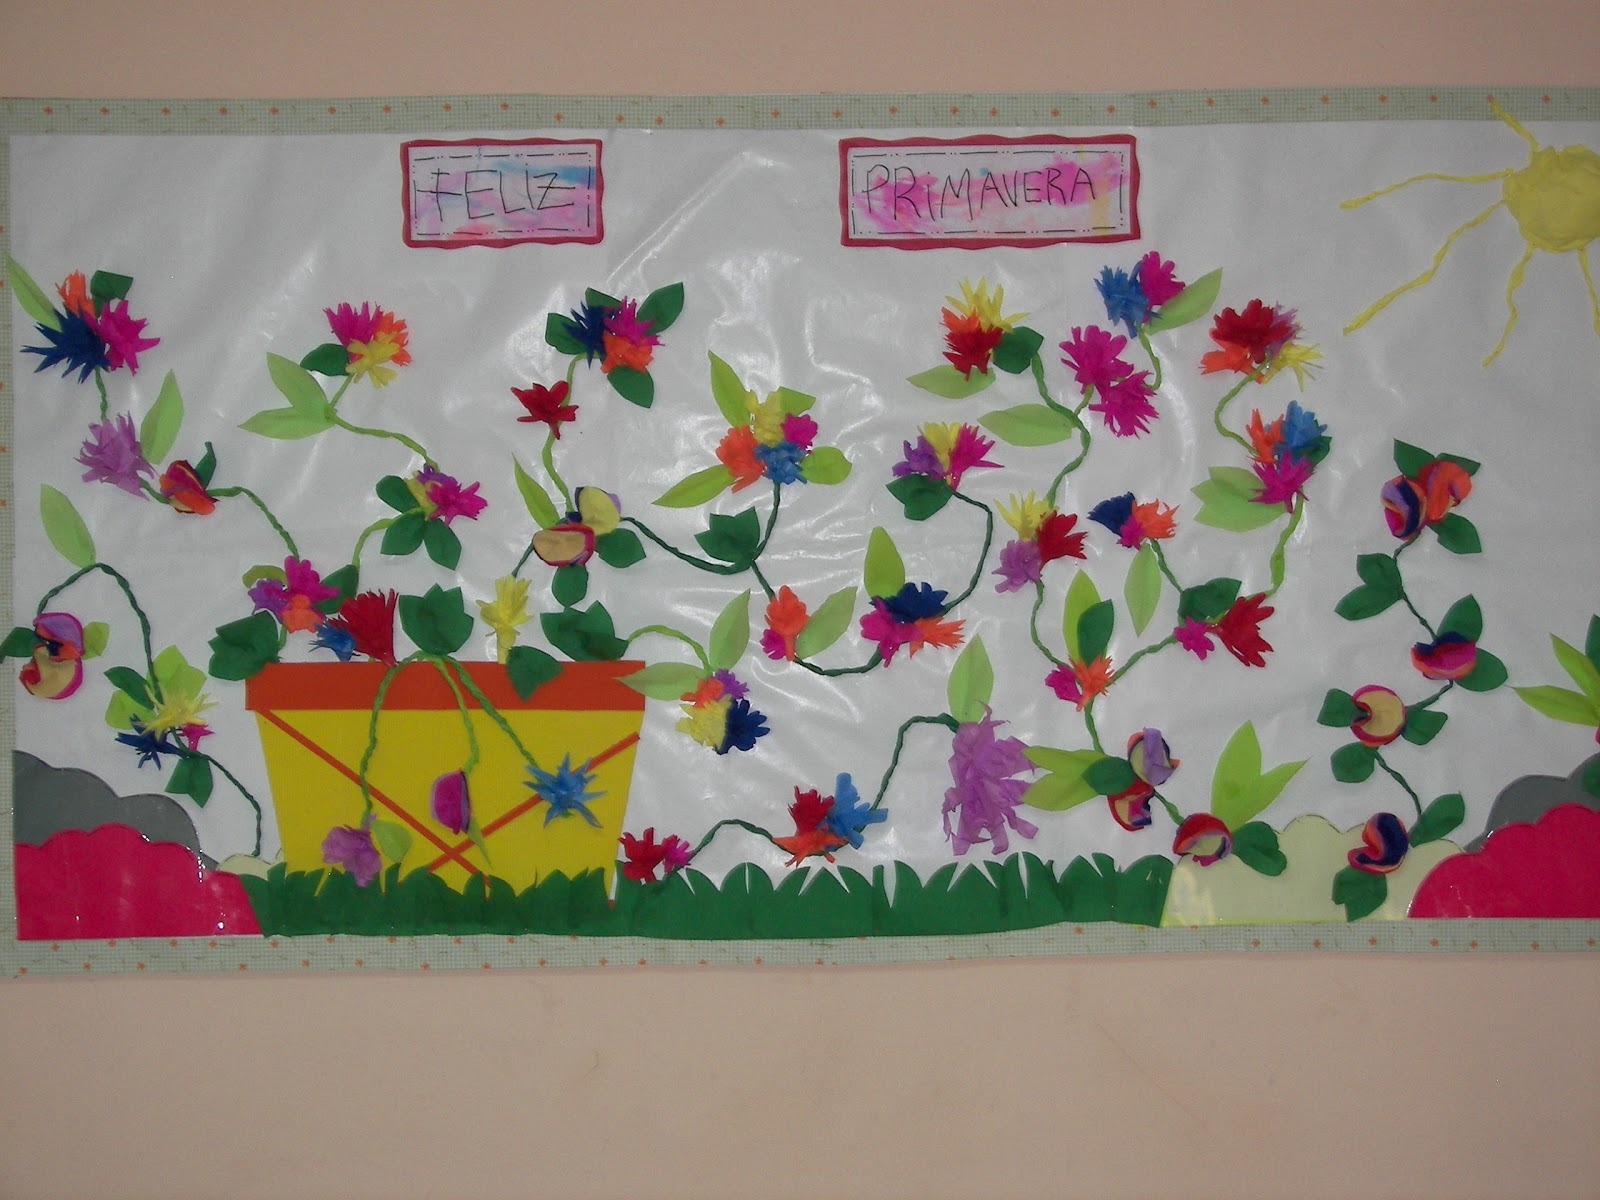 Decoraci n en el jard n de infantes enero 2012 for Decoracion salas jardin de infantes